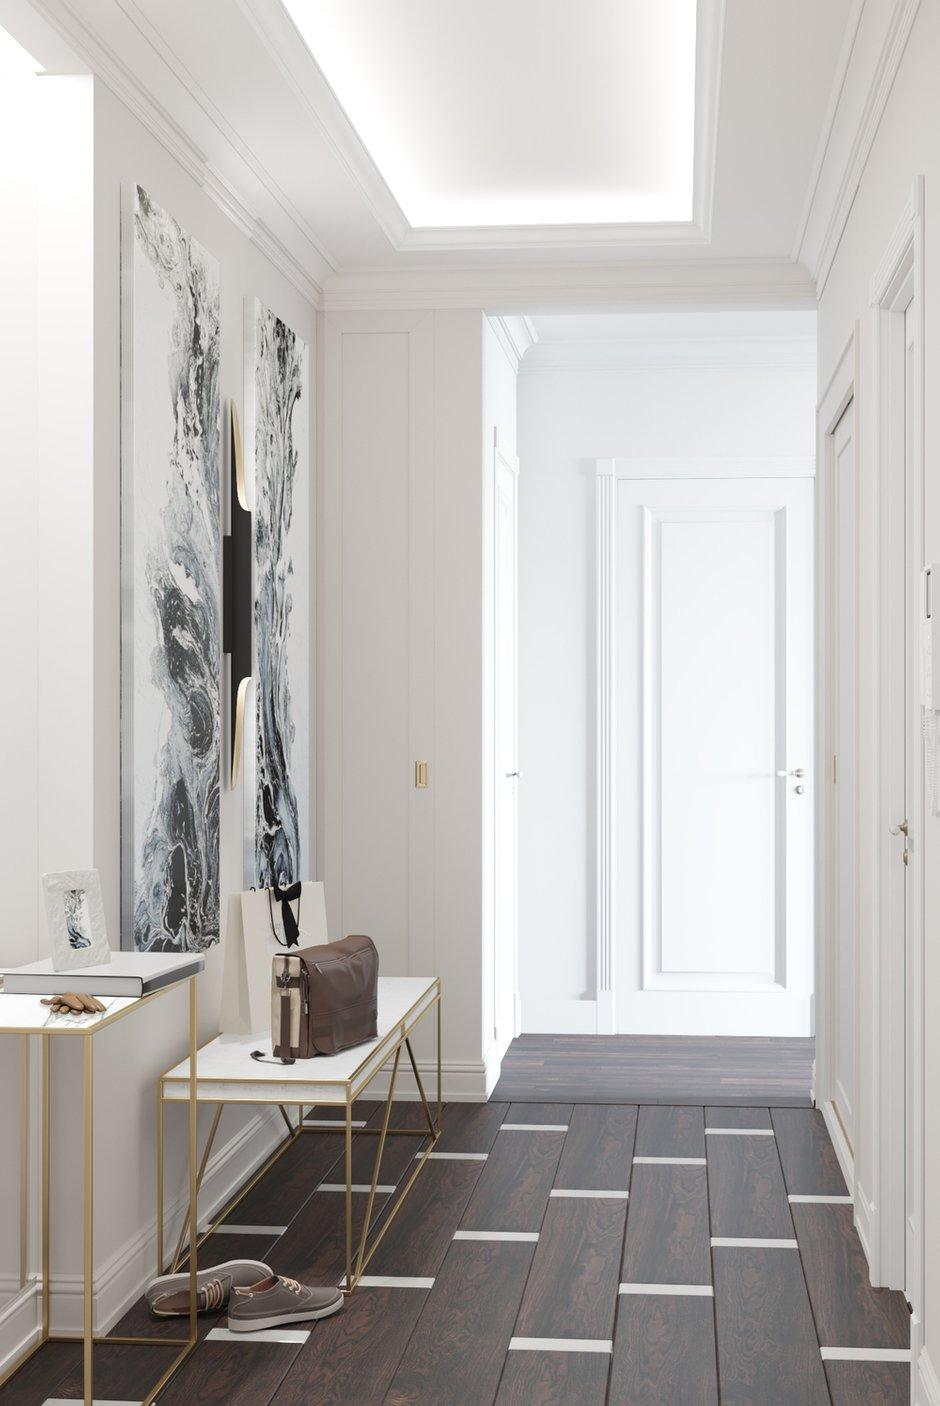 Фотография: Прихожая в стиле Современный, Классический, Квартира, Проект недели, Москва, Монолитный дом, 3 комнаты, Более 90 метров, Тор-Ард – фото на INMYROOM